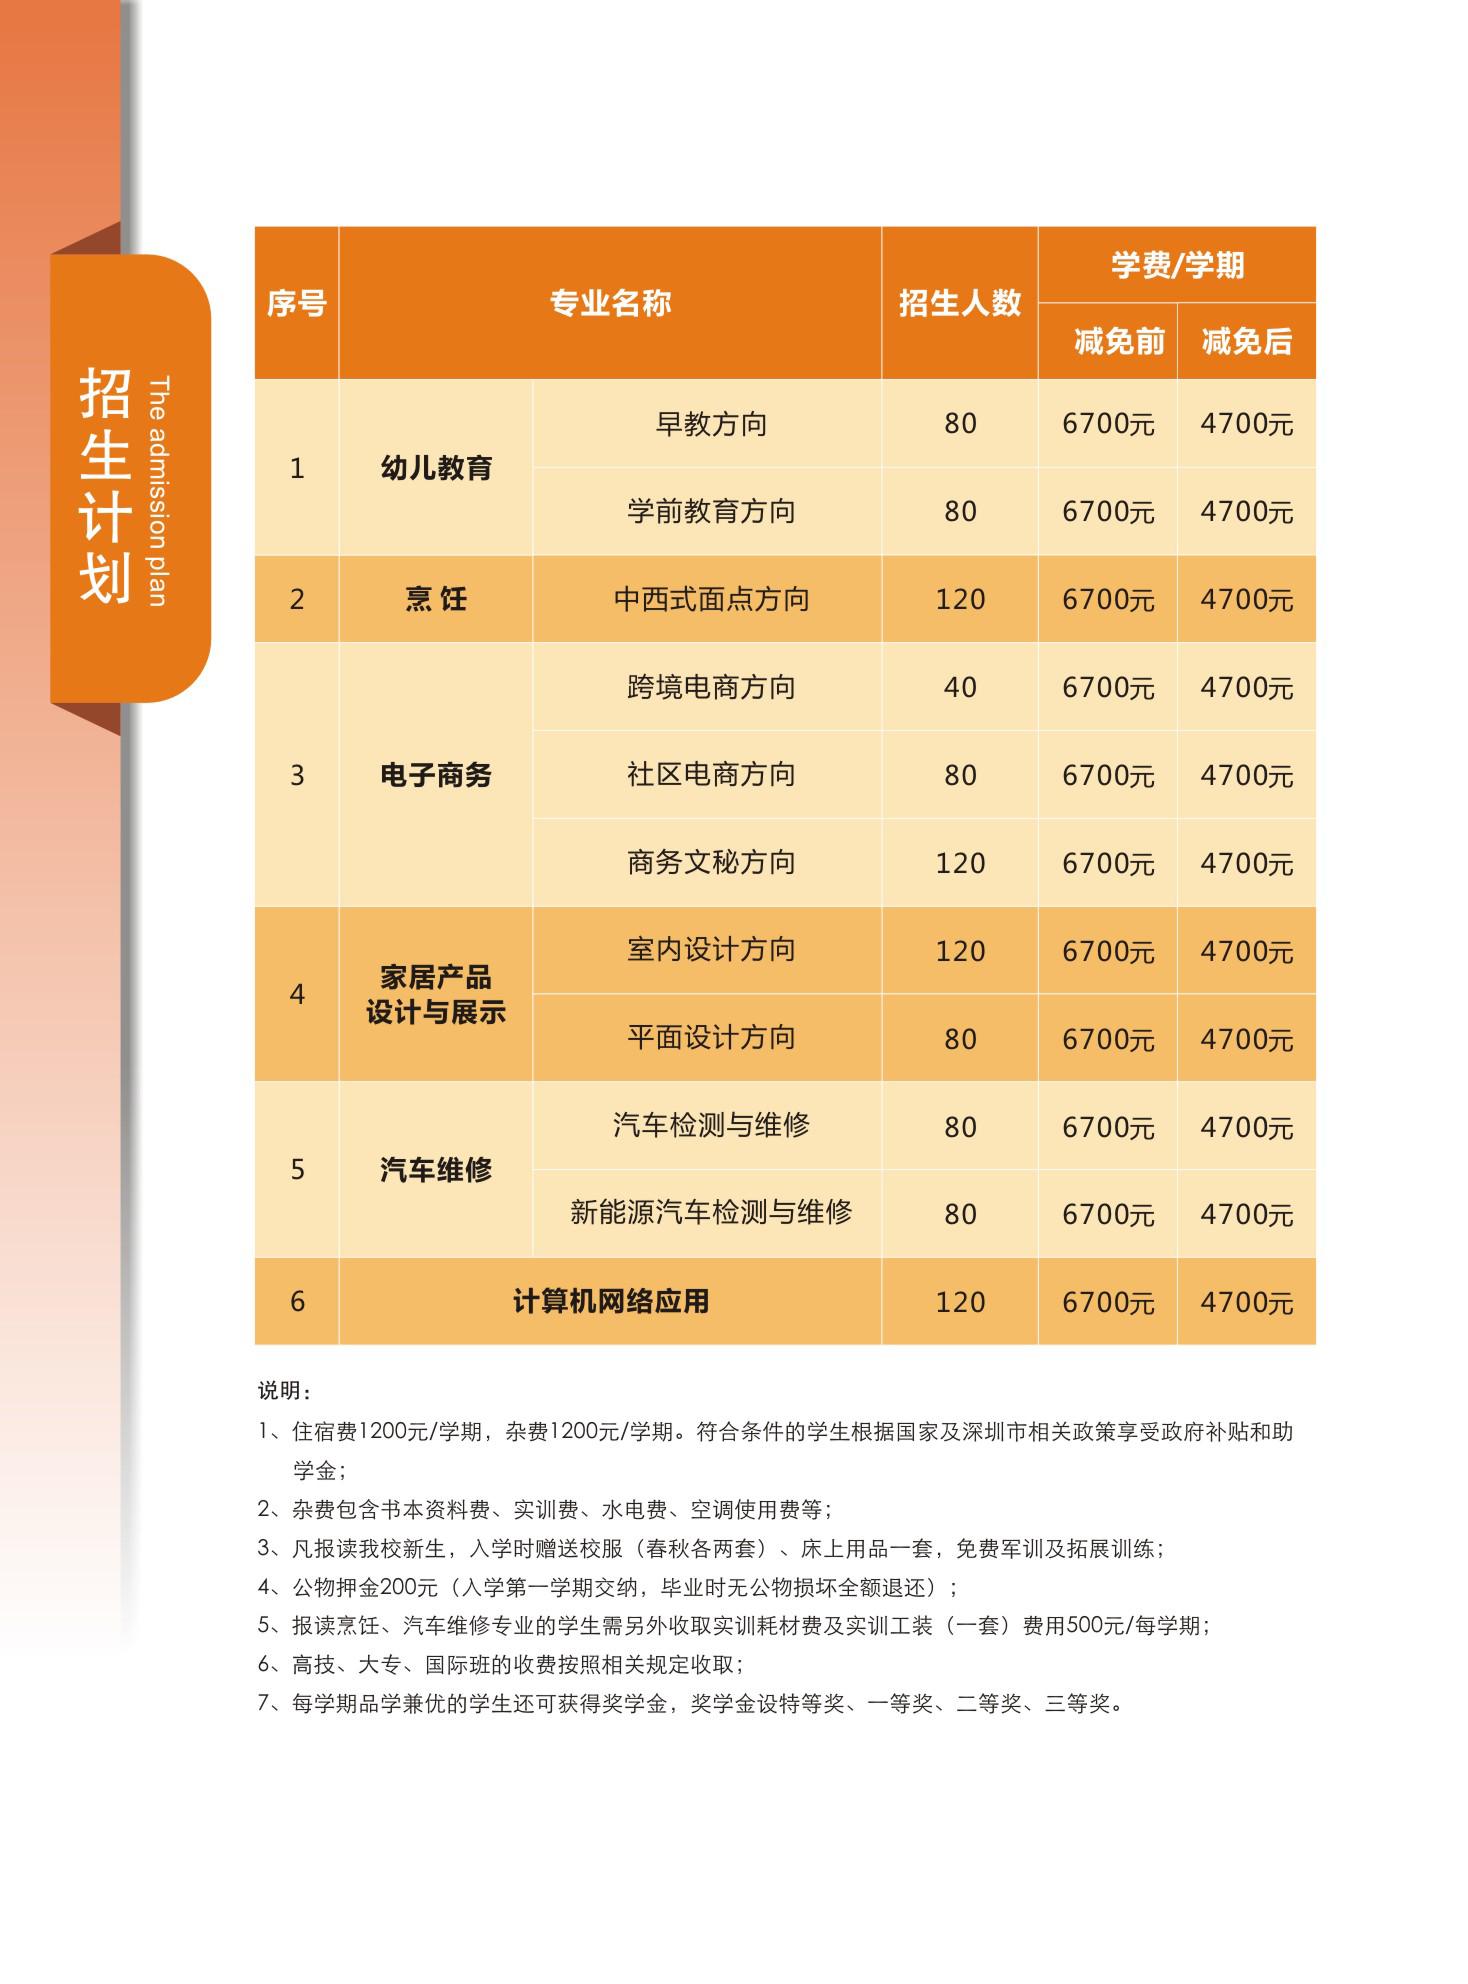 深圳市智理技工学校2019年招生简章招生计划